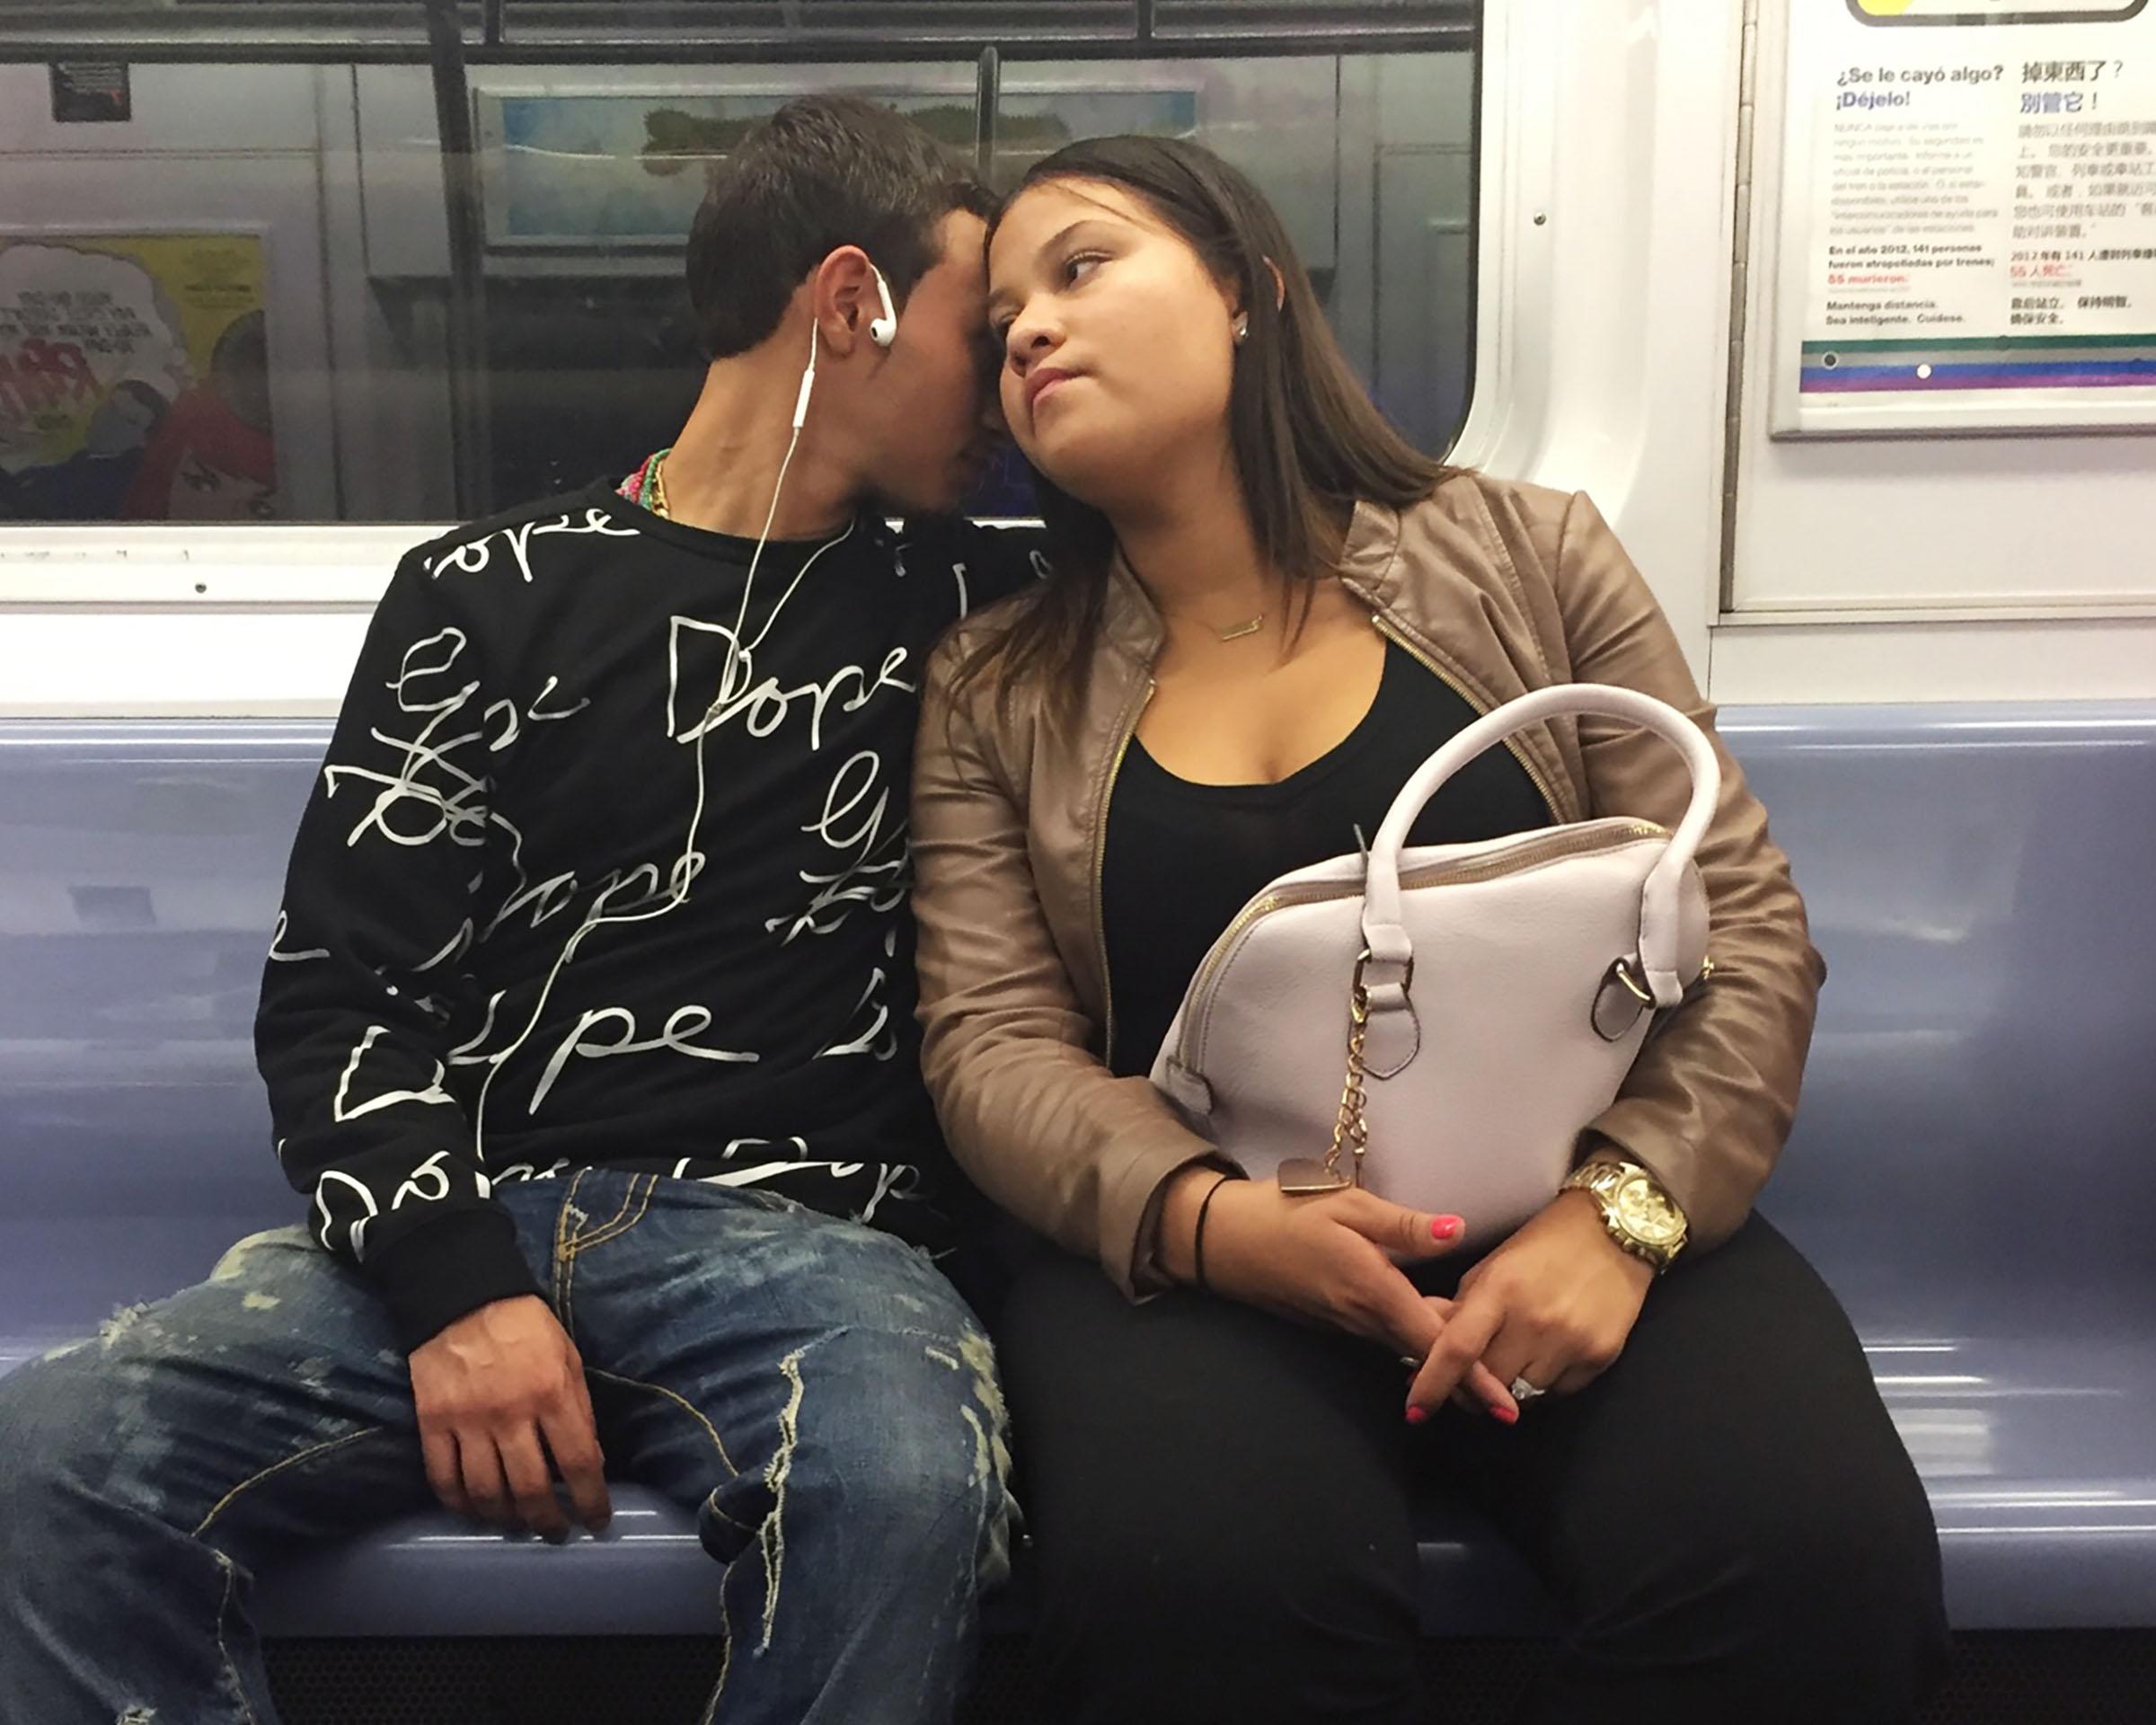 Subway16_Dope.jpg